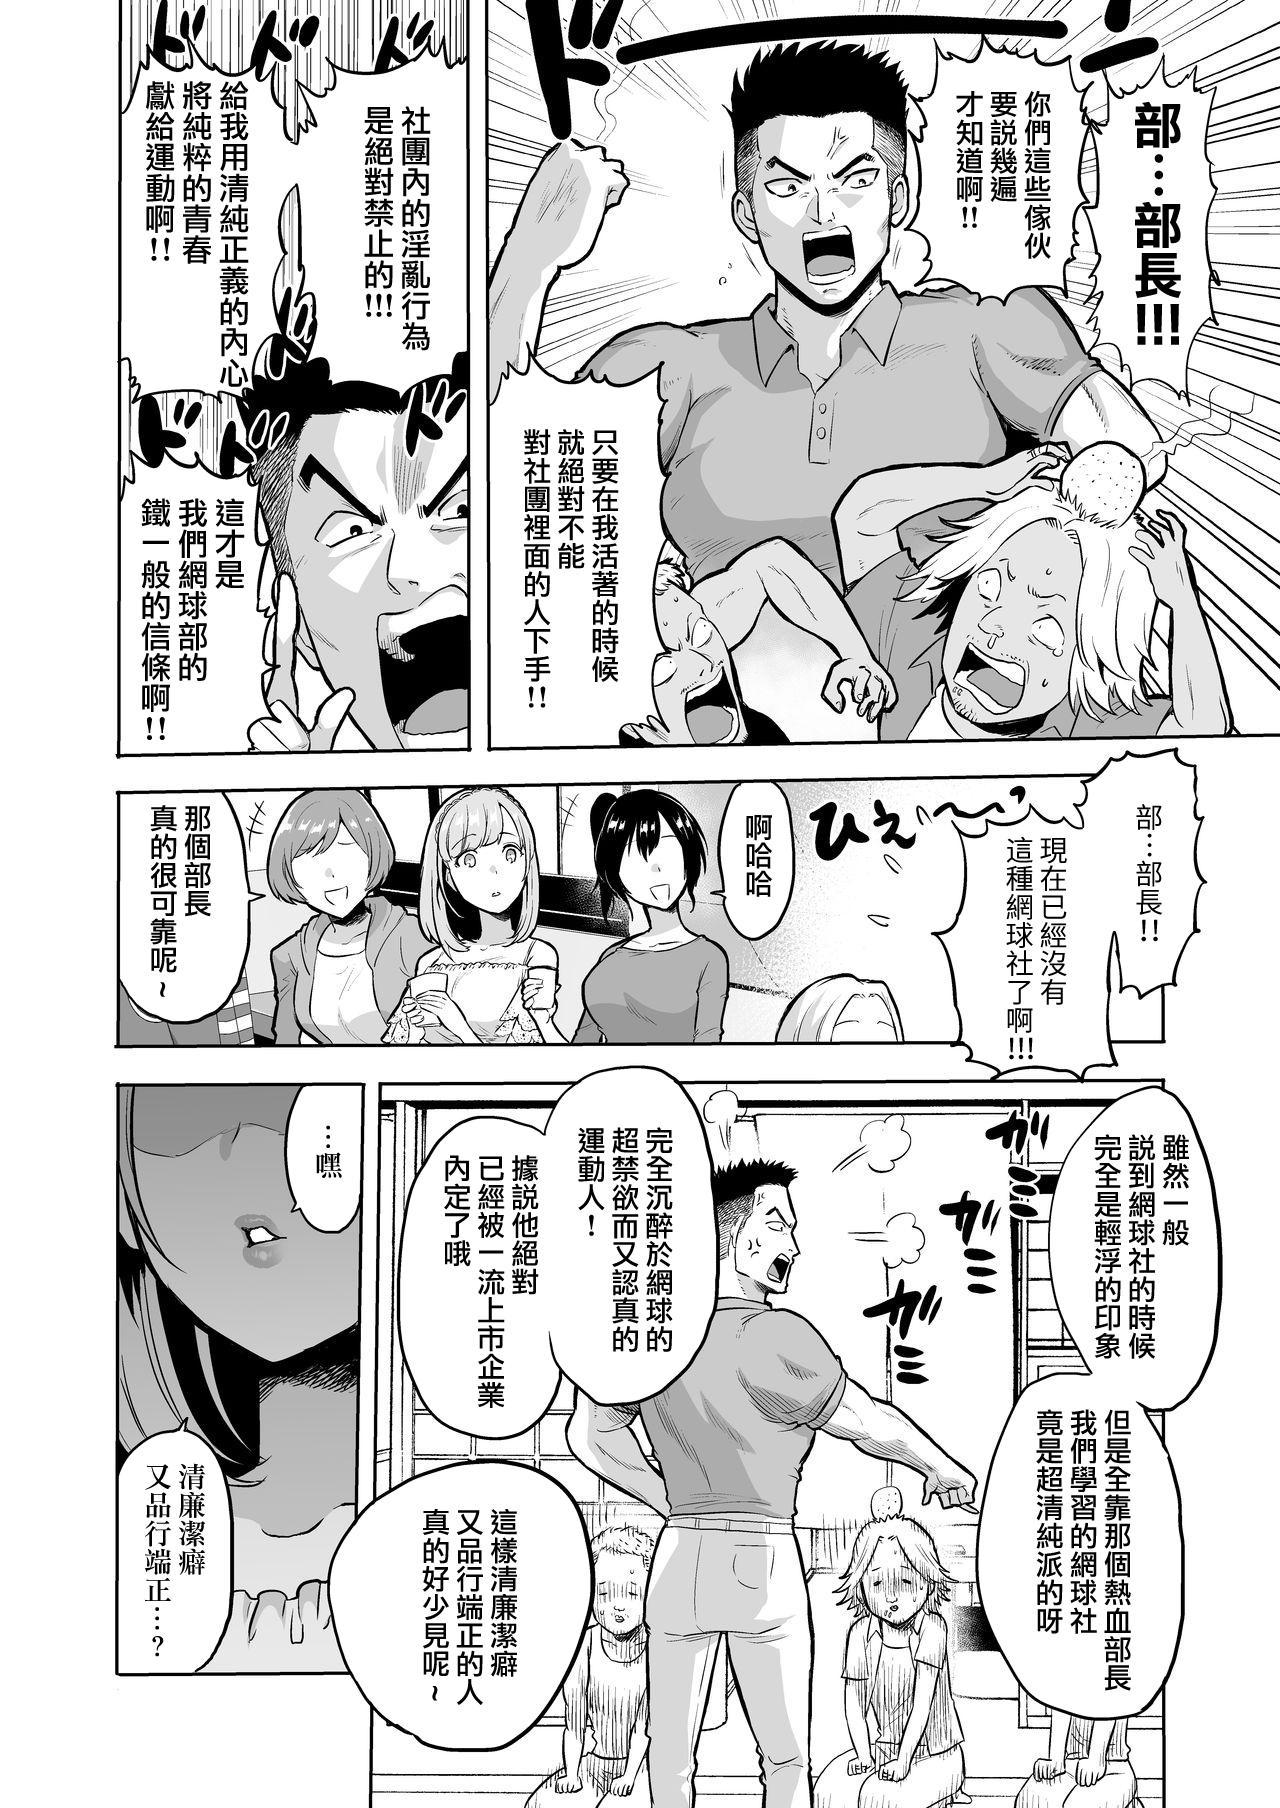 Sasayaki no Inma 3